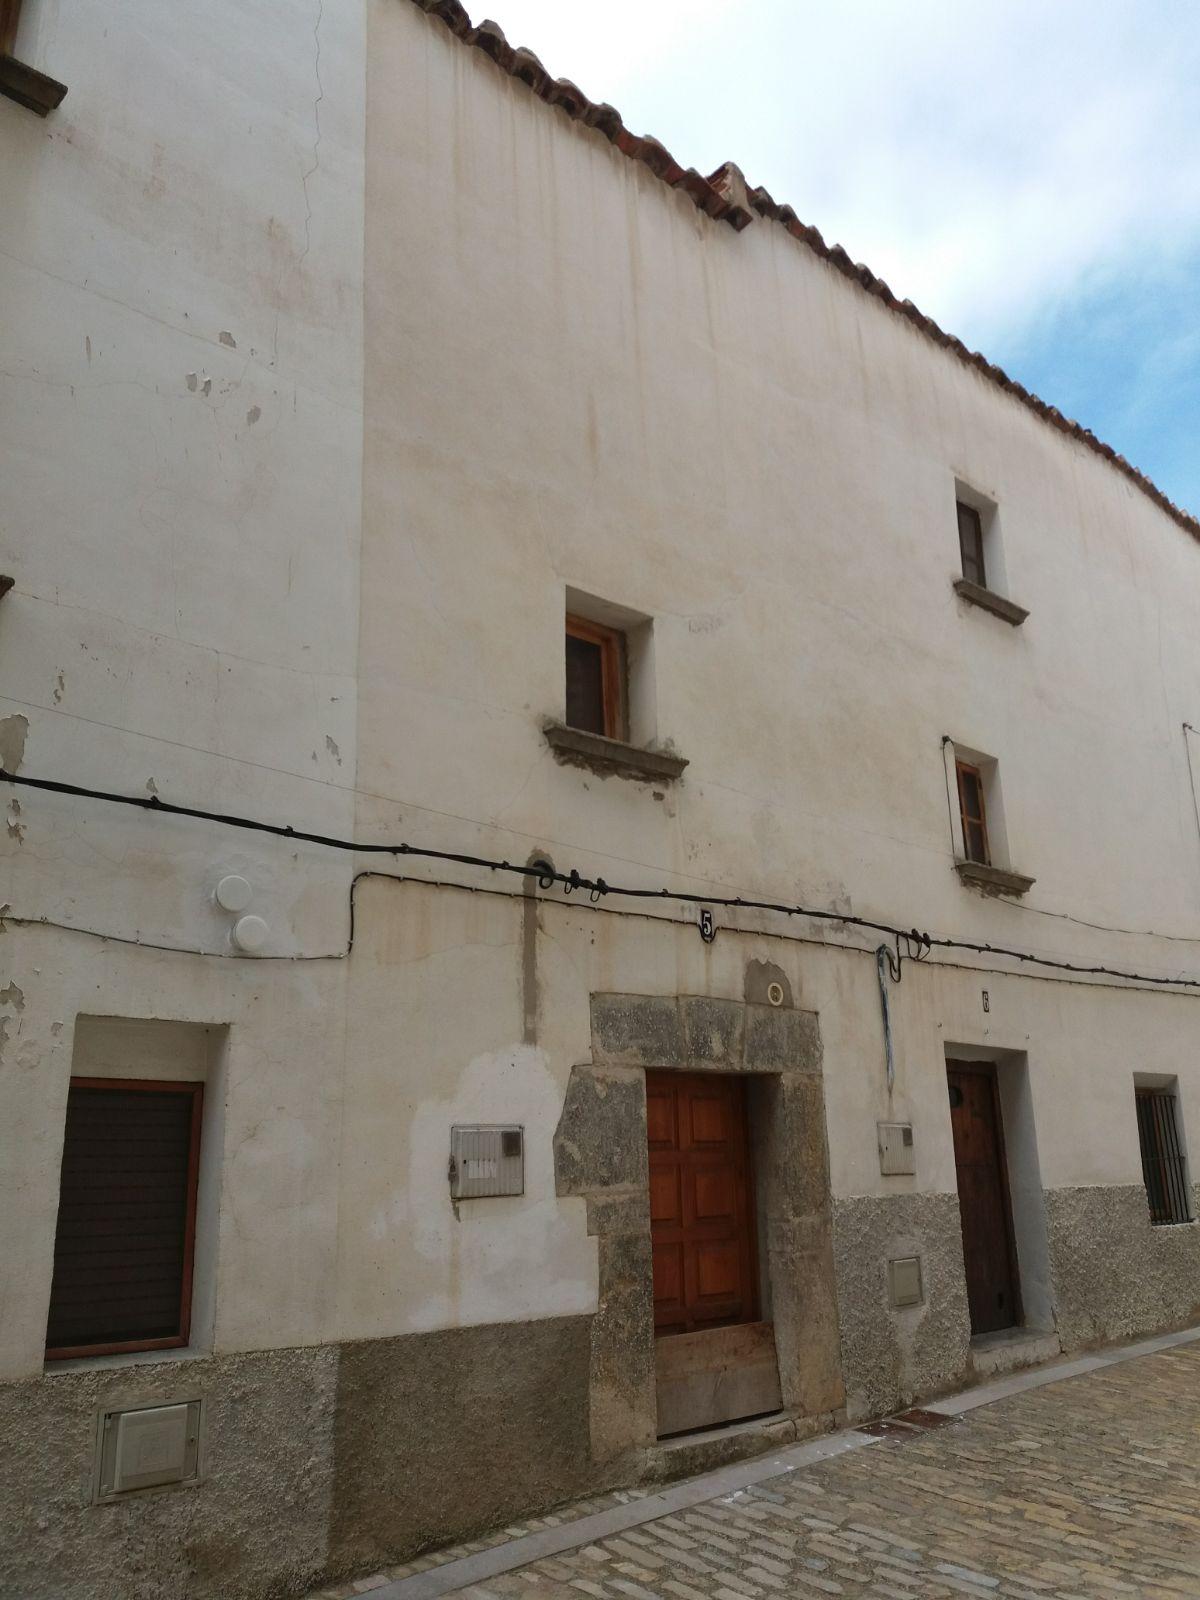 Casa en venta en Villafranca del Cid / Vilafranca, Villafranca del Cid/vilafranca, Castellón, Calle Bajo Plaza, 43.000 €, 2 habitaciones, 1 baño, 79 m2